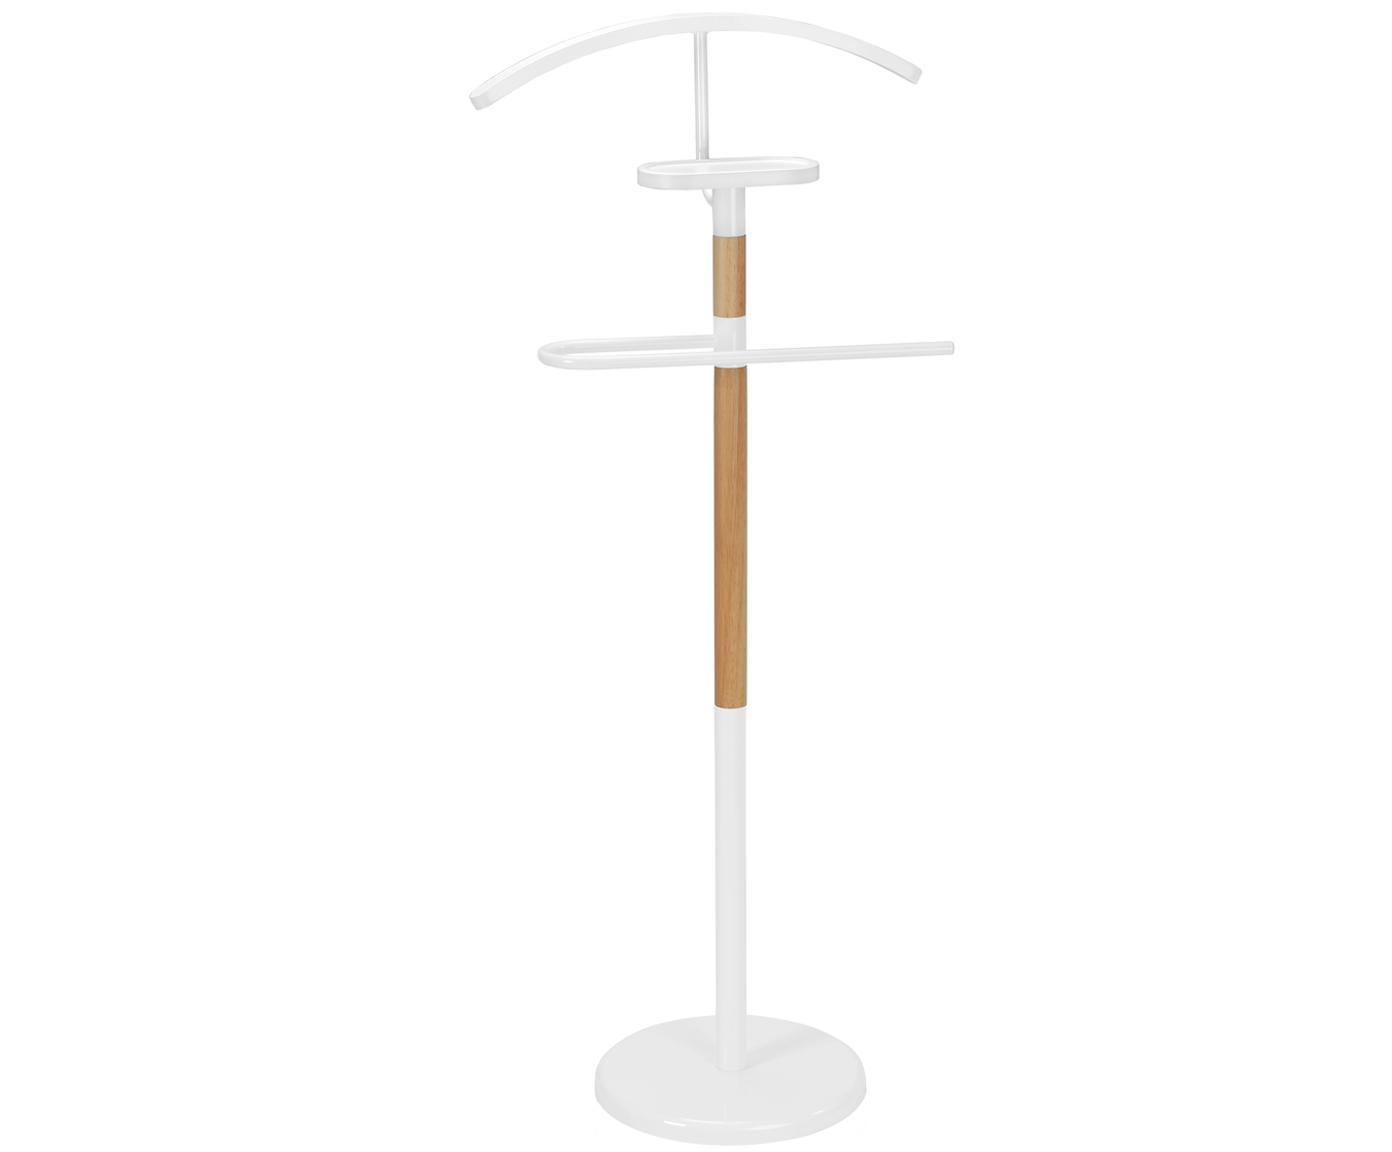 Wieszak stojący Esteban, Stal, drewno kauczukowe, Biały, brązowy, W 114 cm